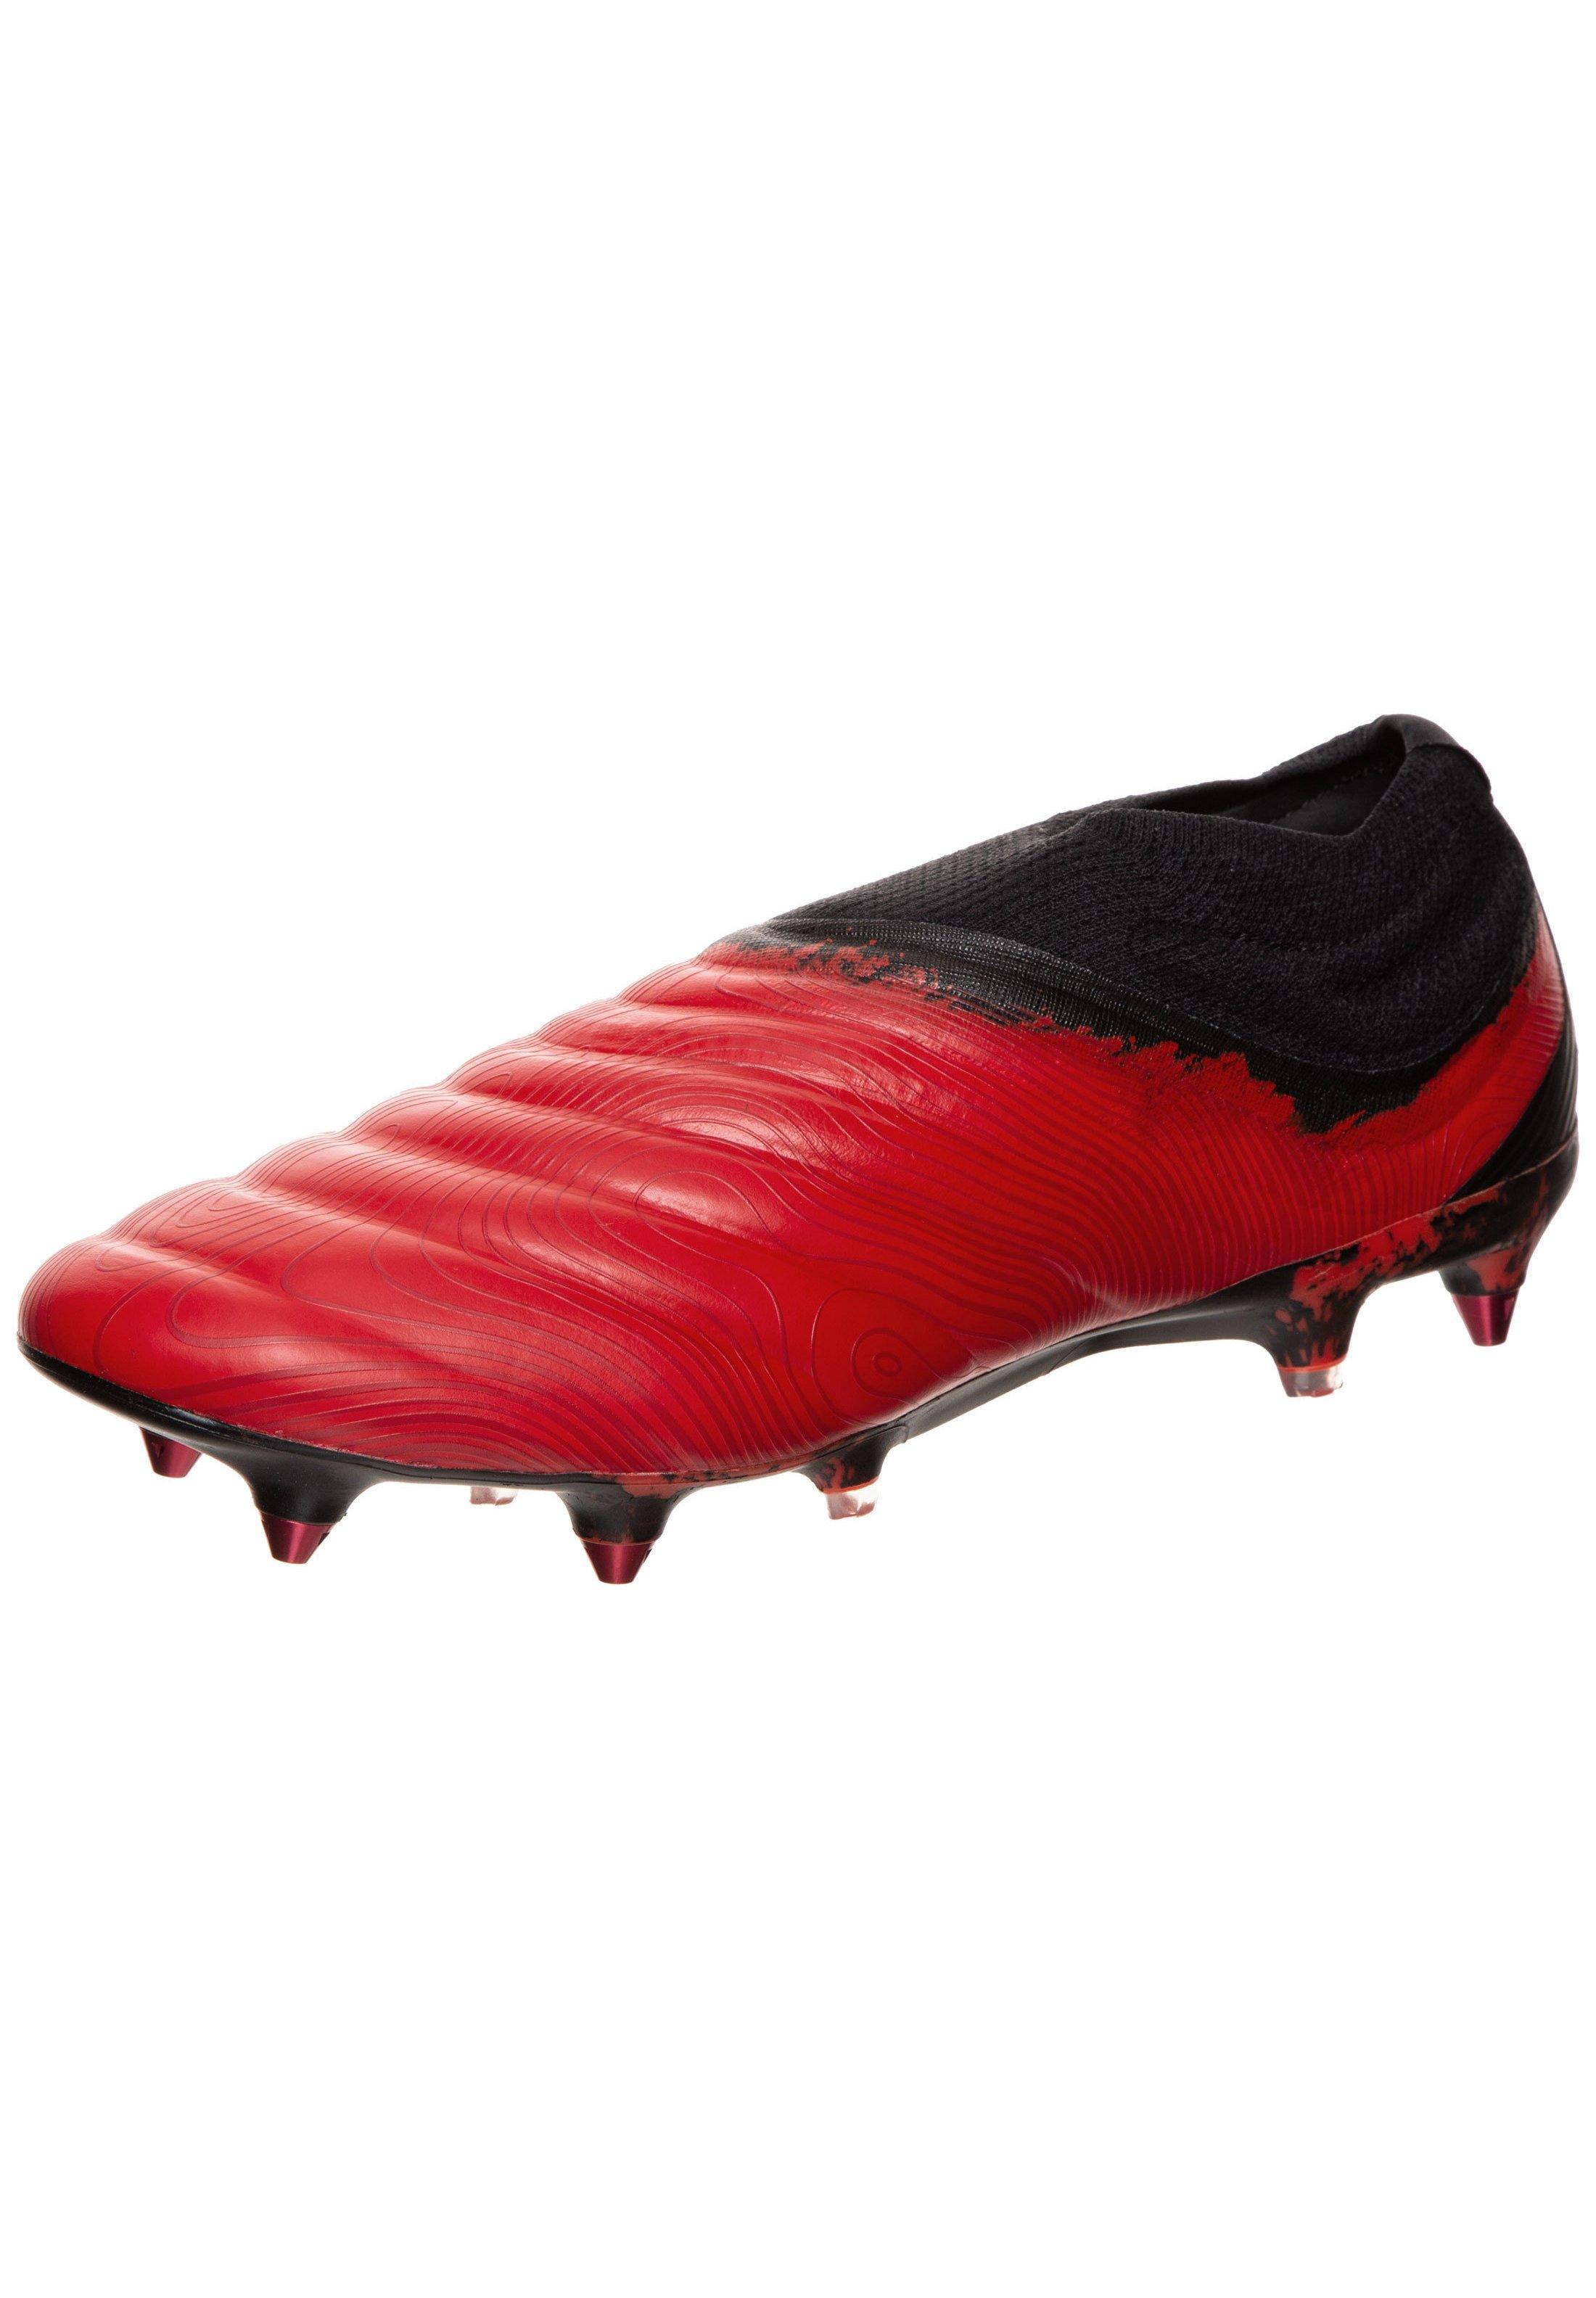 adidas Performance Fußballschuh Nocken - action red / footwear white / core black/rot - Herrenschuhe 3PLEz